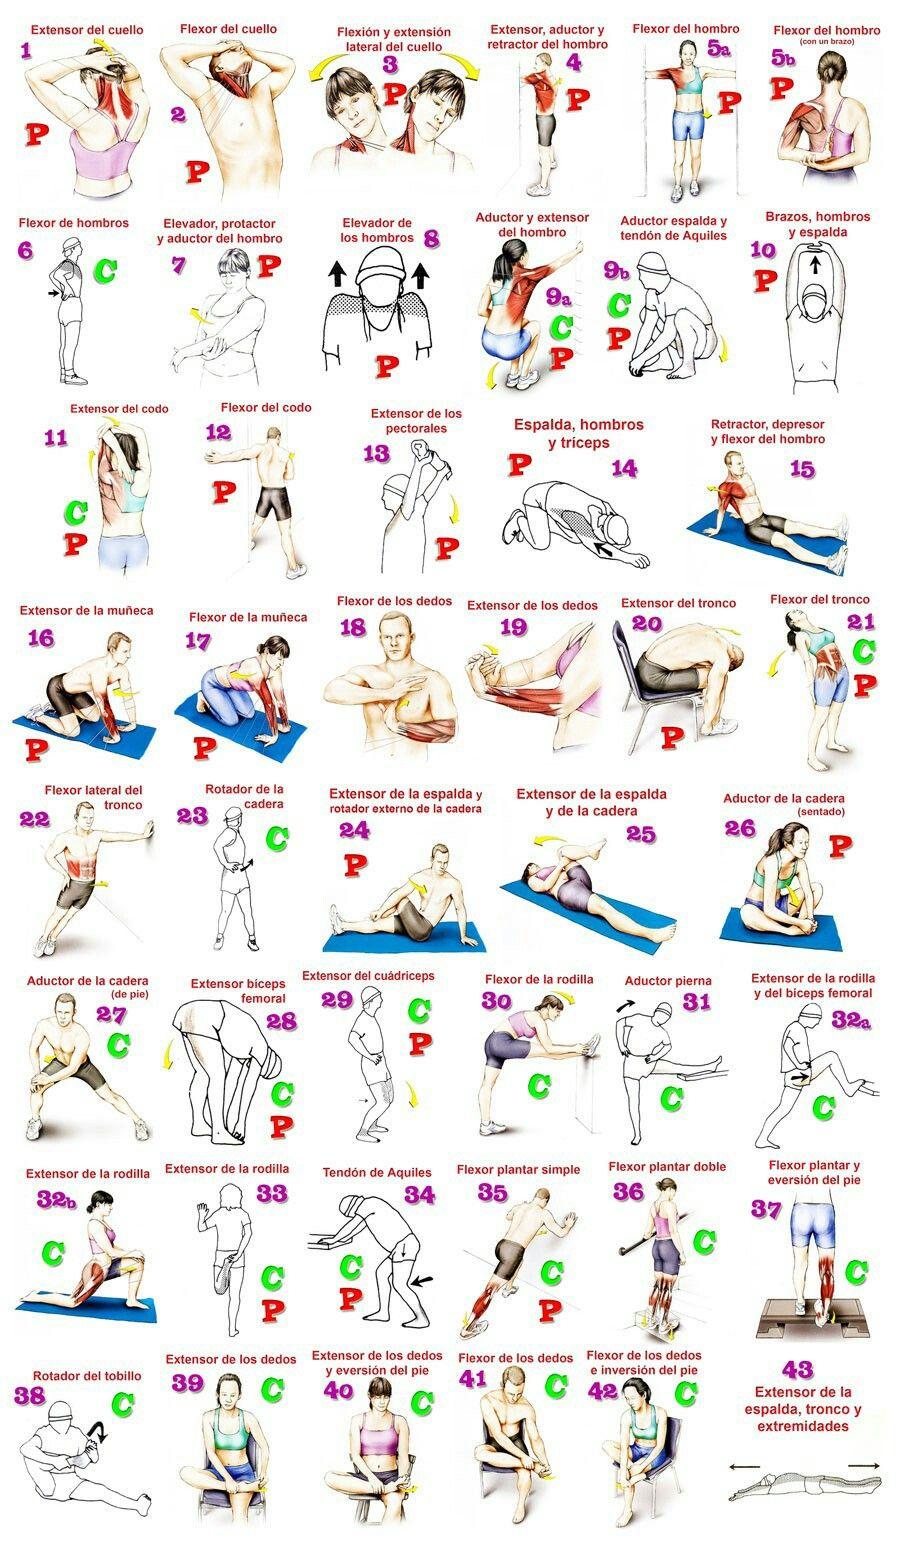 Estiramientos y anatomía funcional | Deportes | Pinterest | Anatomia ...